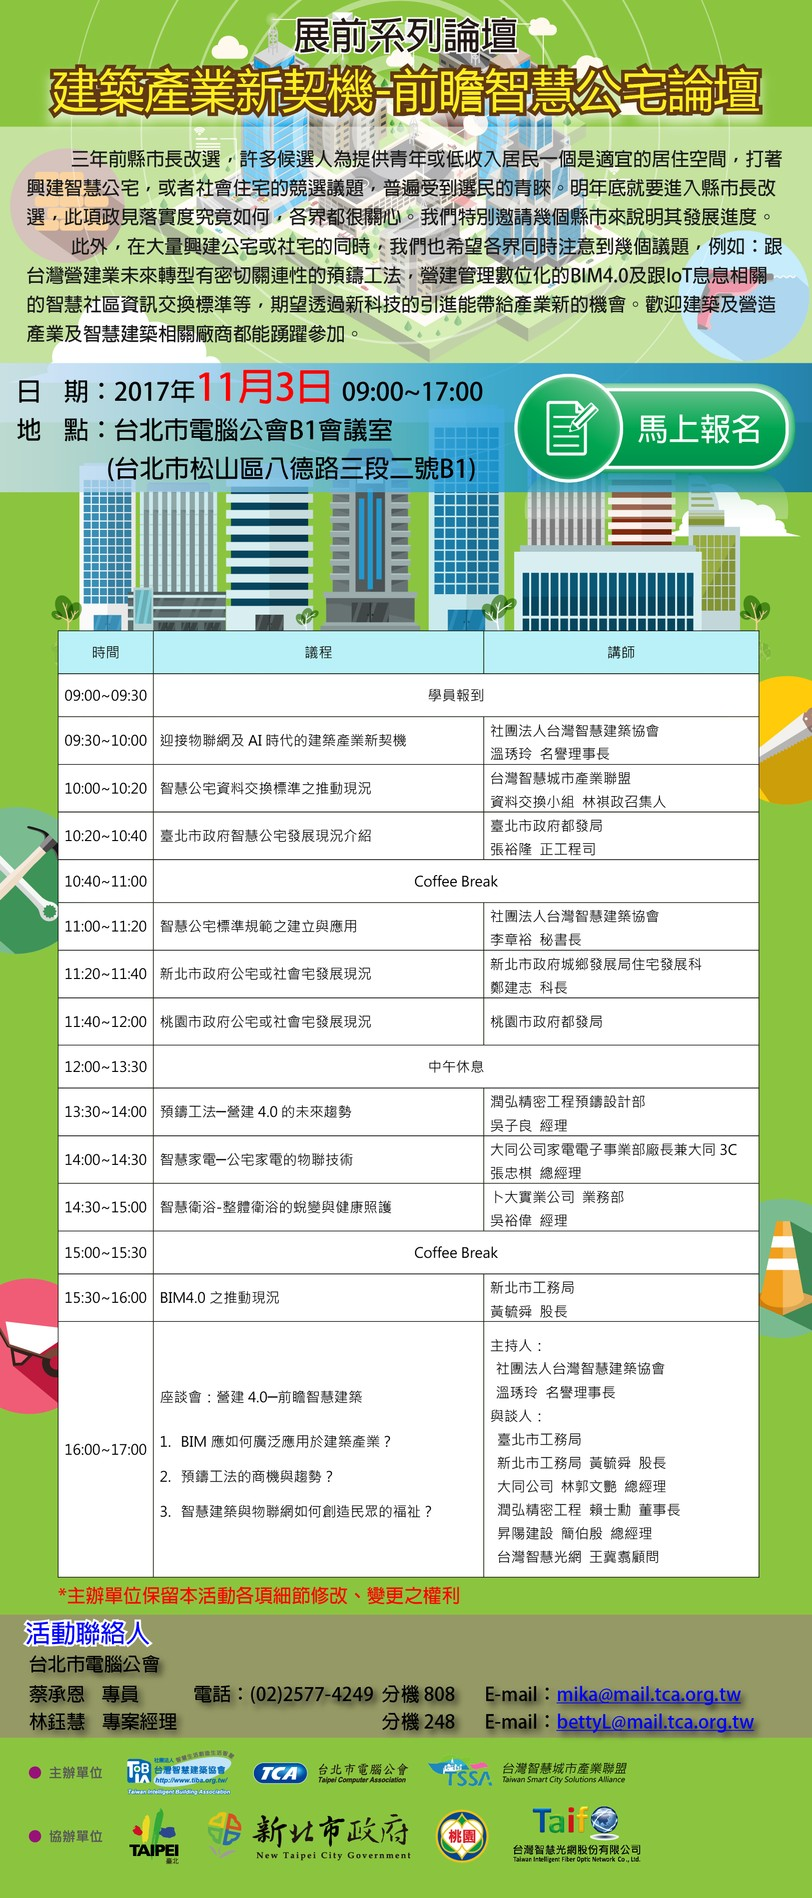 建築產業新契機-前瞻智慧公宅論壇EDM